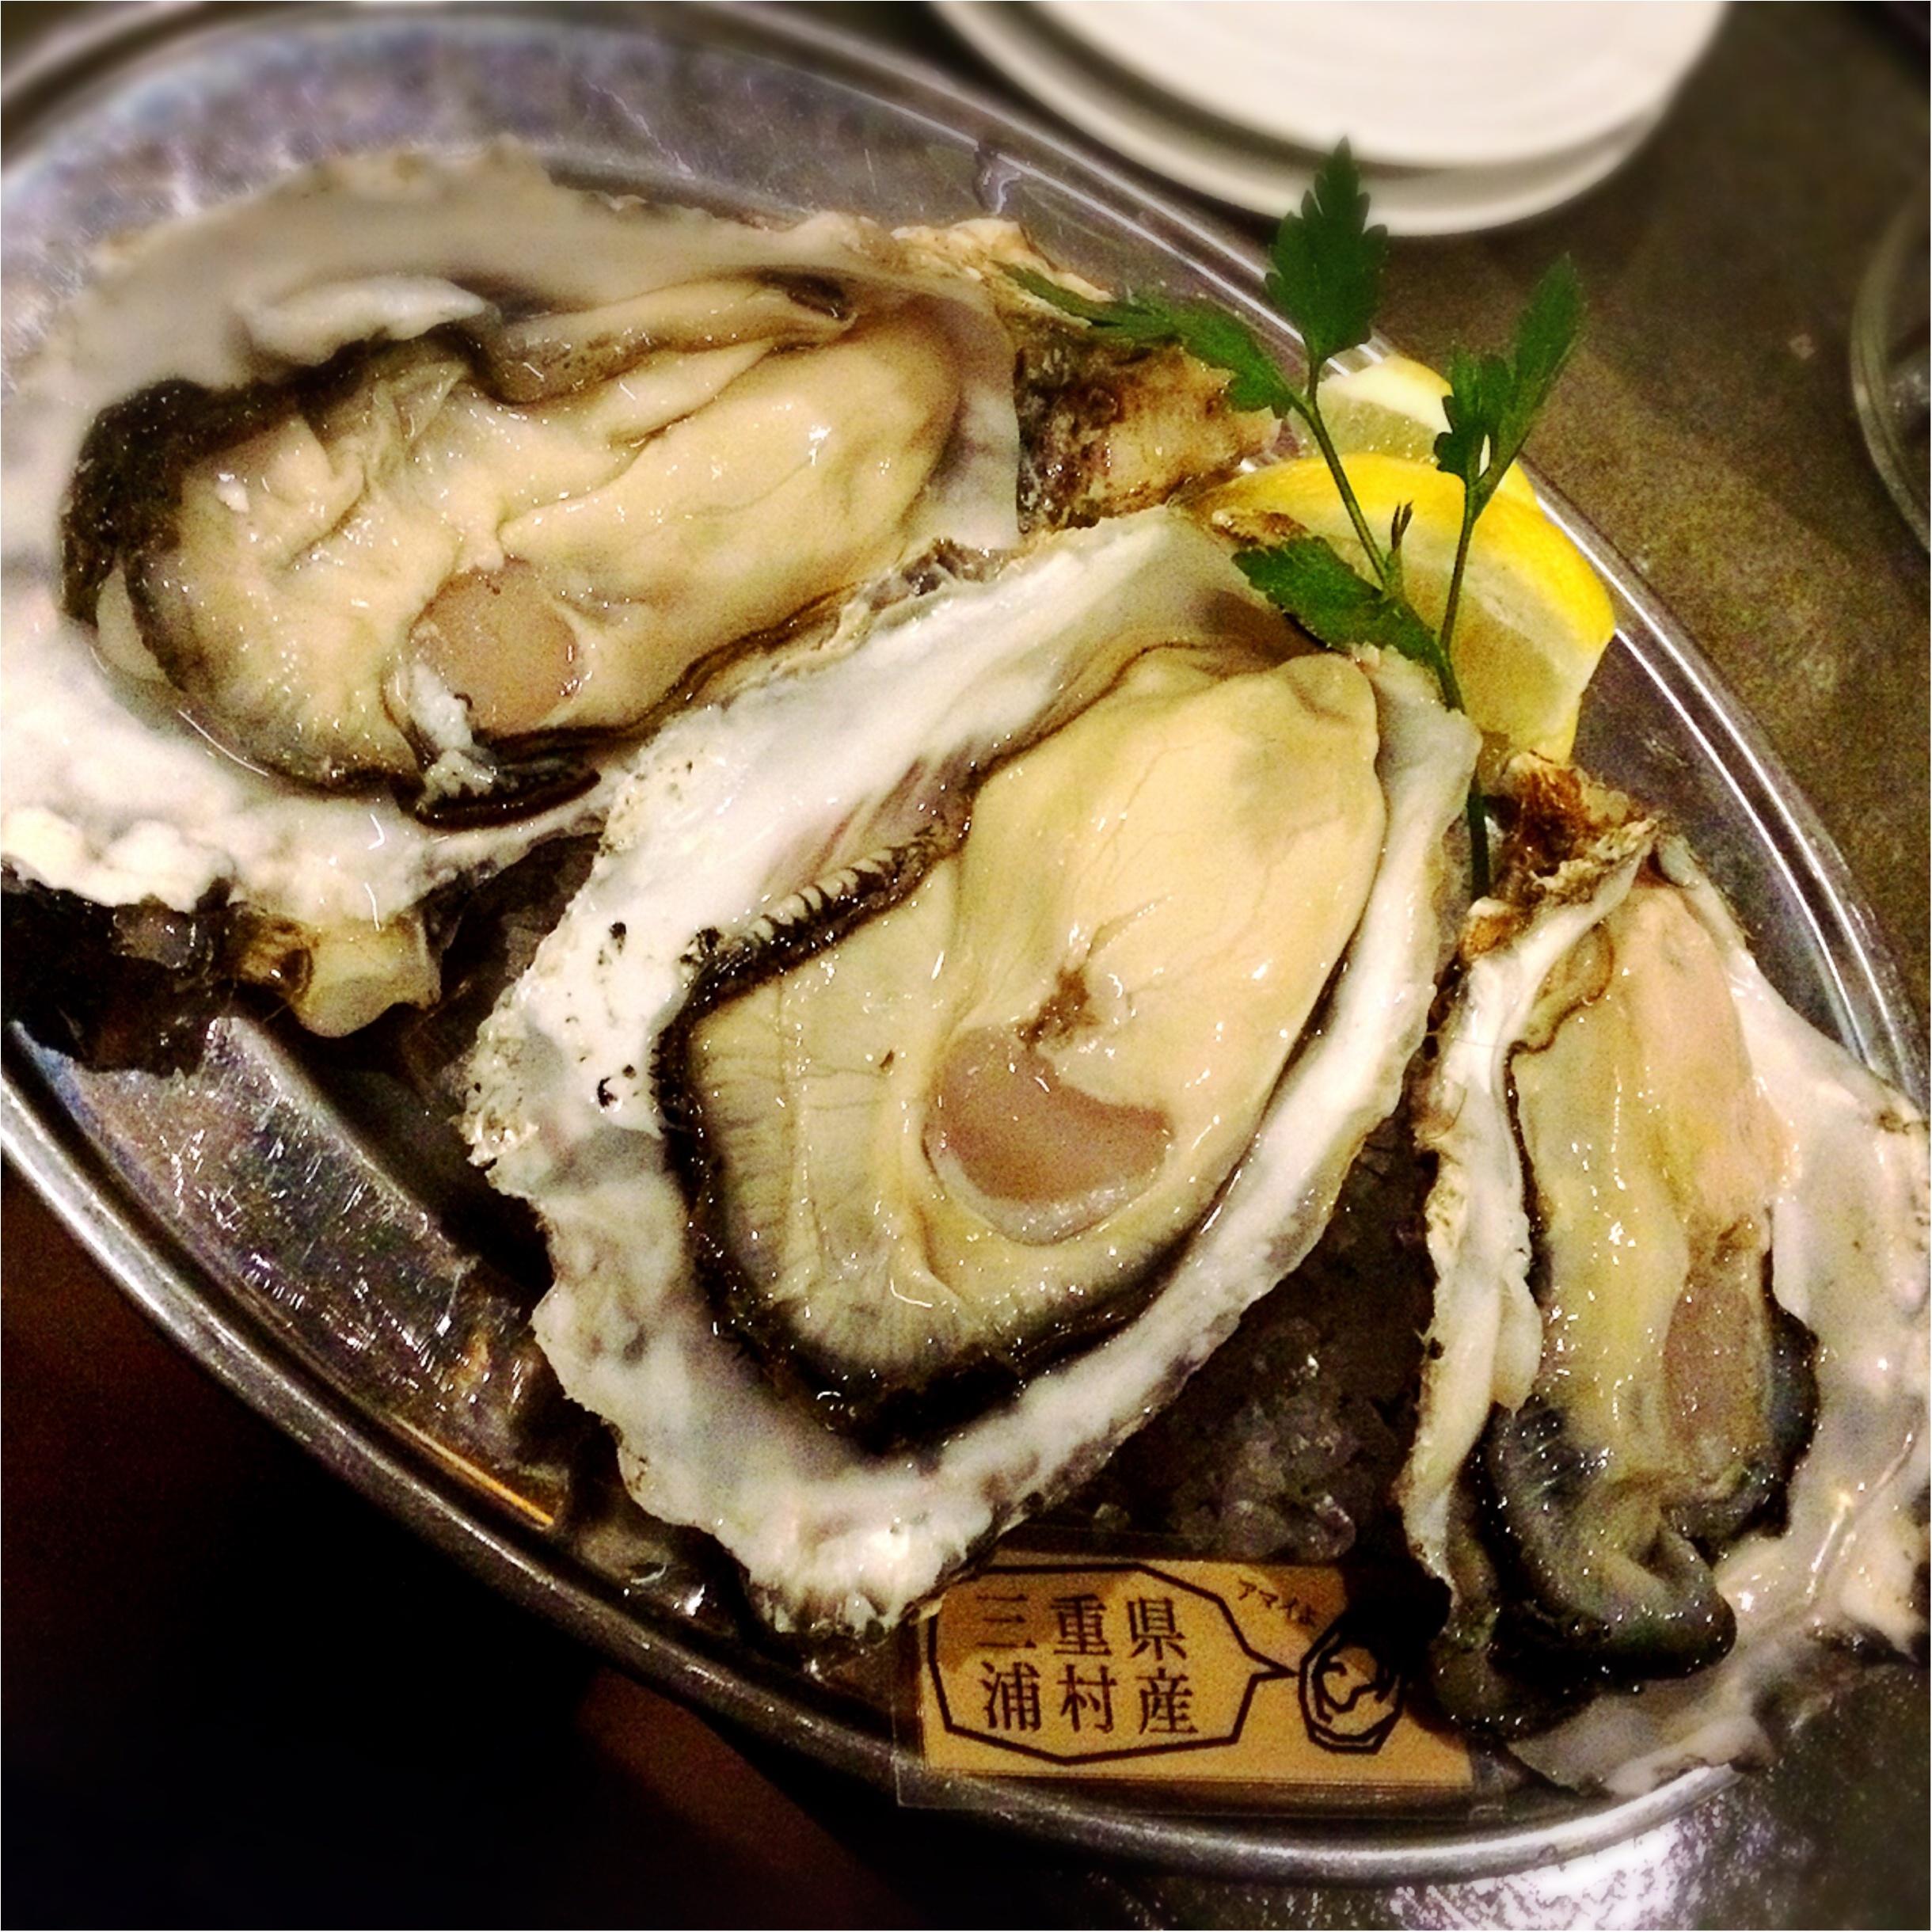 ★どんな時期でもお任せ下さい!生牡蠣が食べたくなったら…★_3